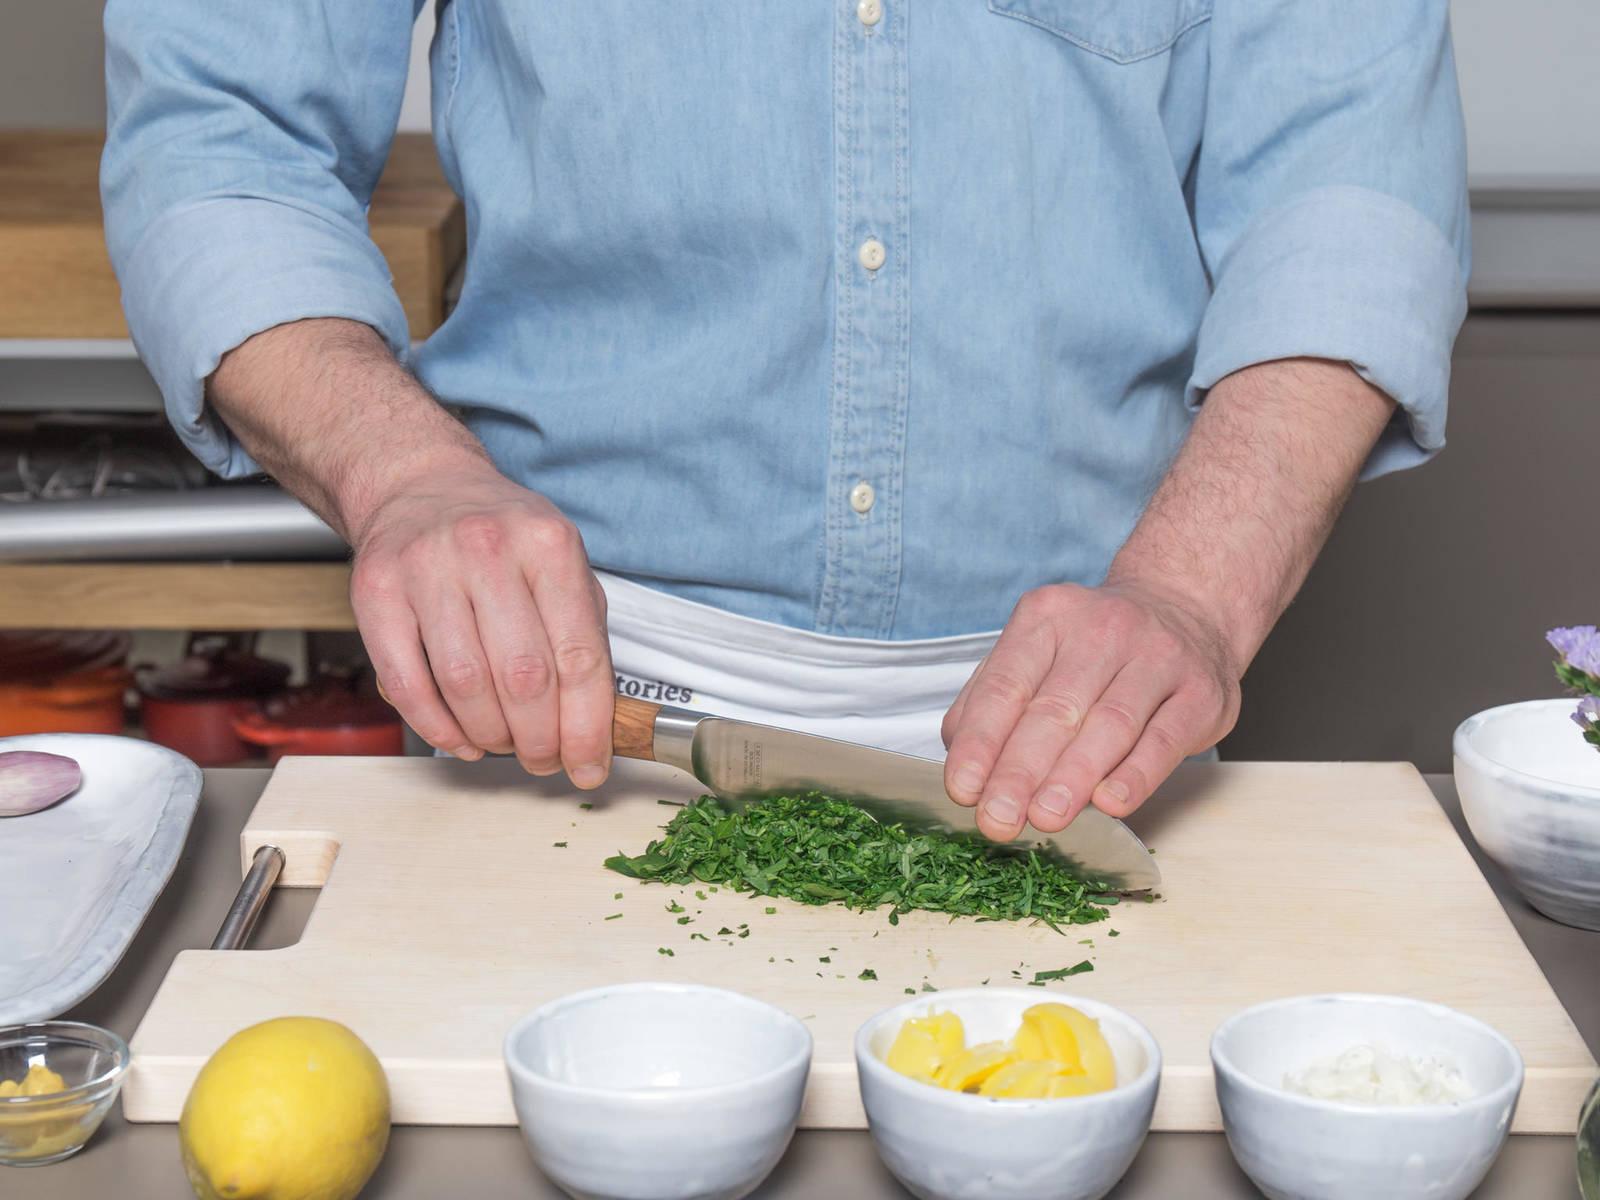 Schalotte schälen und fein hacken. Grüne Sauce Kräutermischung waschen, trocken schütteln, abzupfen und sehr fein hacken. Kohlrabis schälen, halbieren und in dicke Scheiben schneiden.